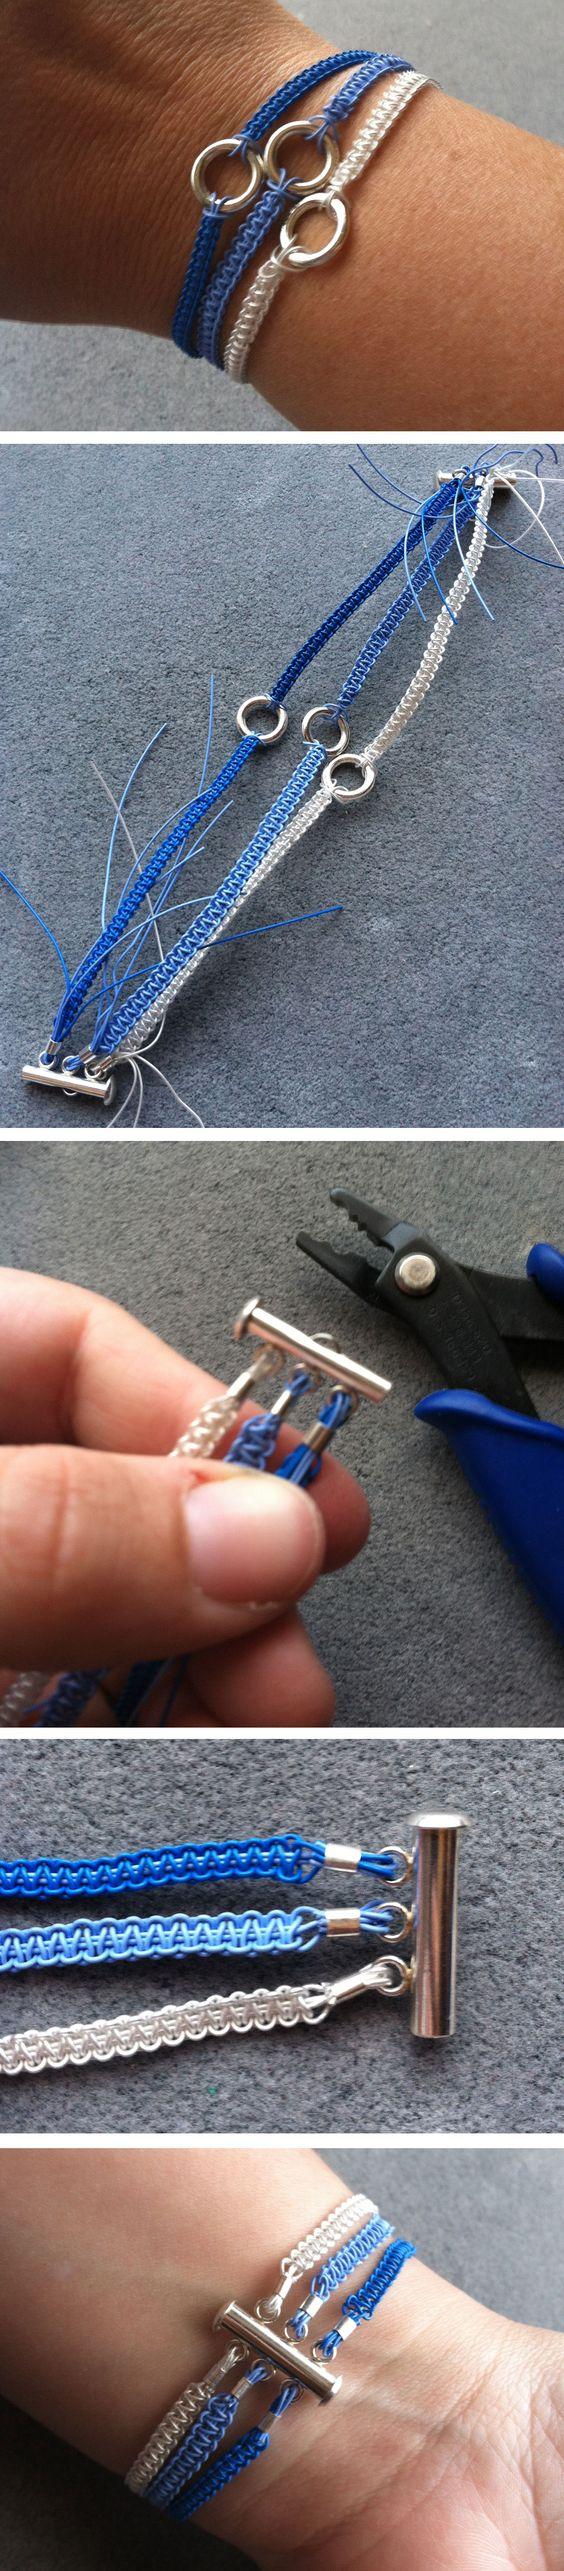 http://media-cache-ec4.pinimg.com/originals/60/9c/1a/609c1a02fa3fe7a51fe136d16da7c294.jpg DIY Soft Flex Wire Macrame 3 Strand Bracelet - Tutorial ❥ 4U // hf: